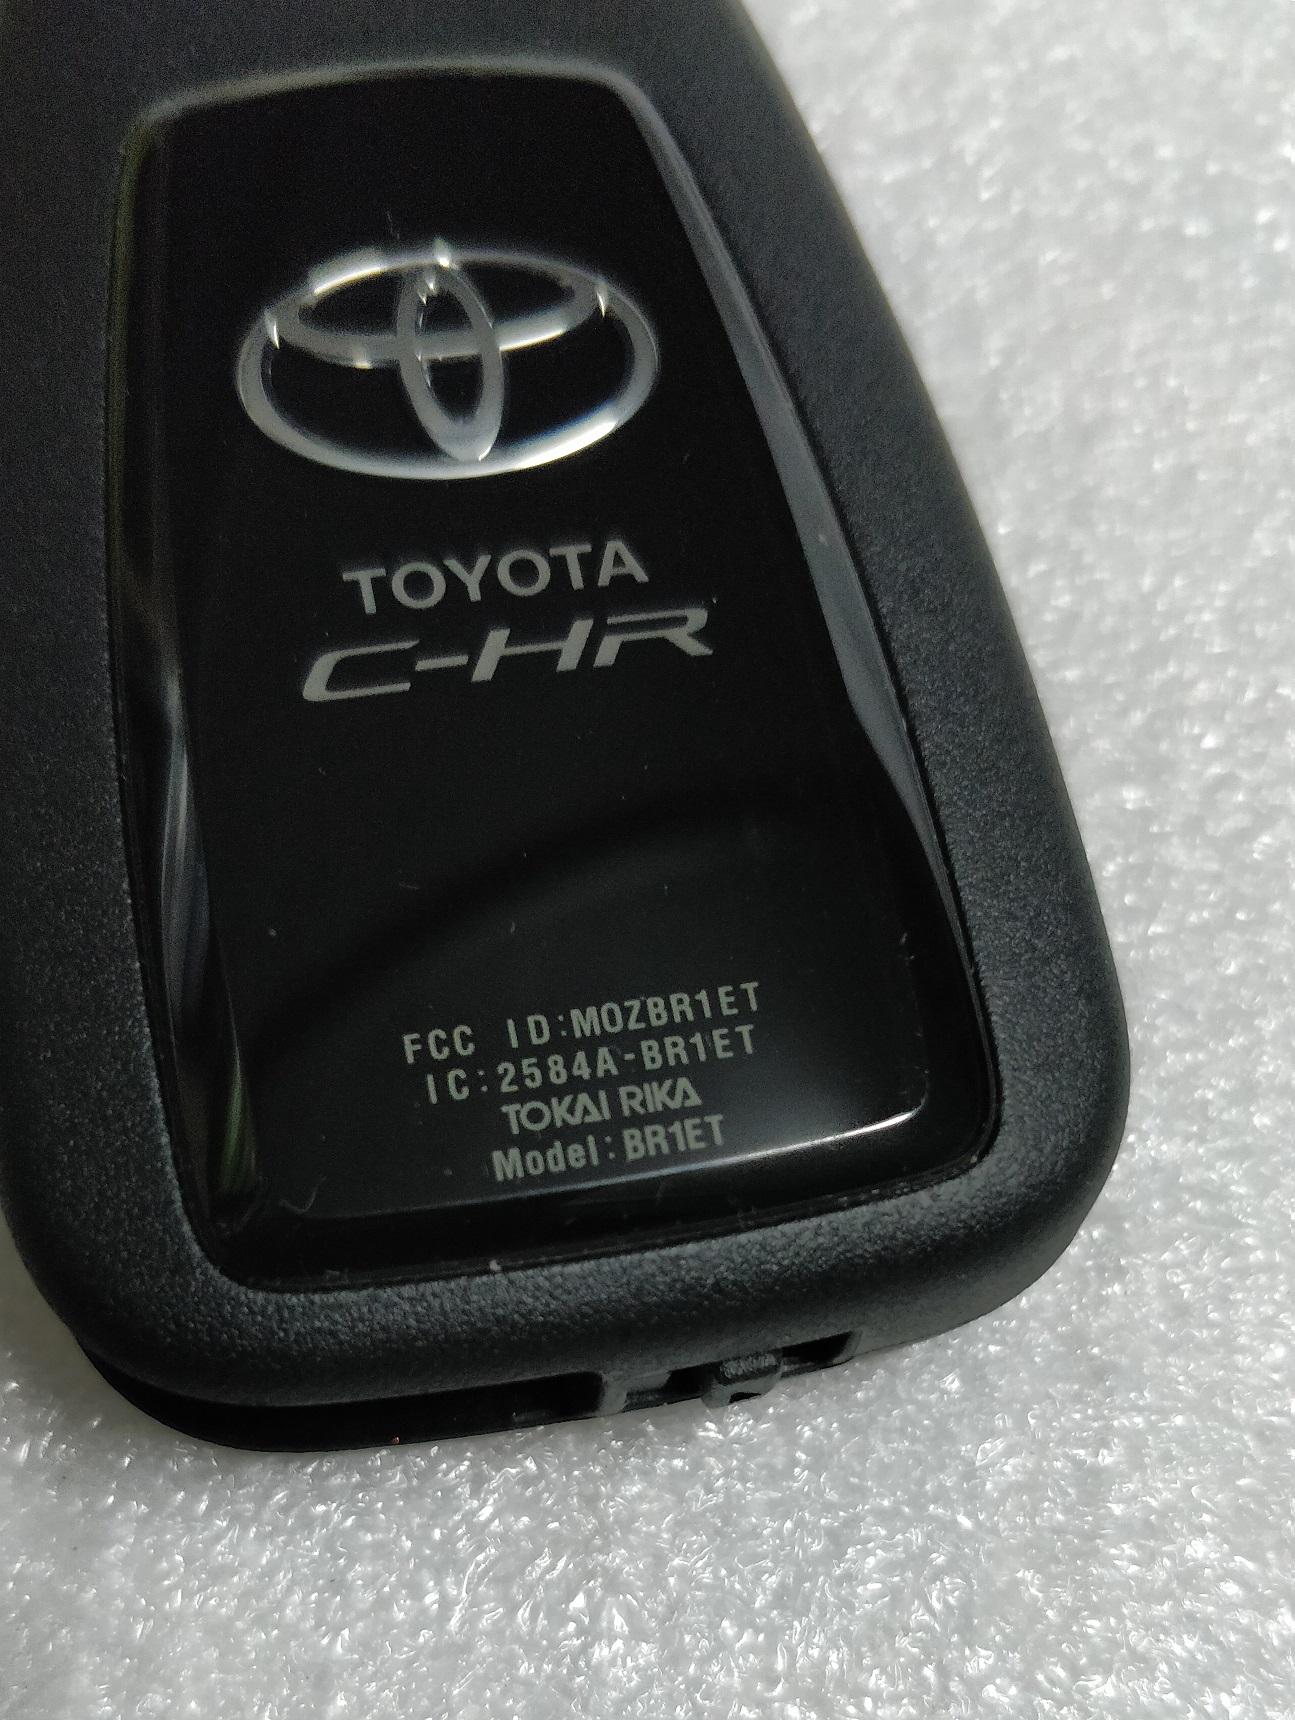 Toyota CHR Smart key BR1ET TOKAI RIKA Panic Button US (2)